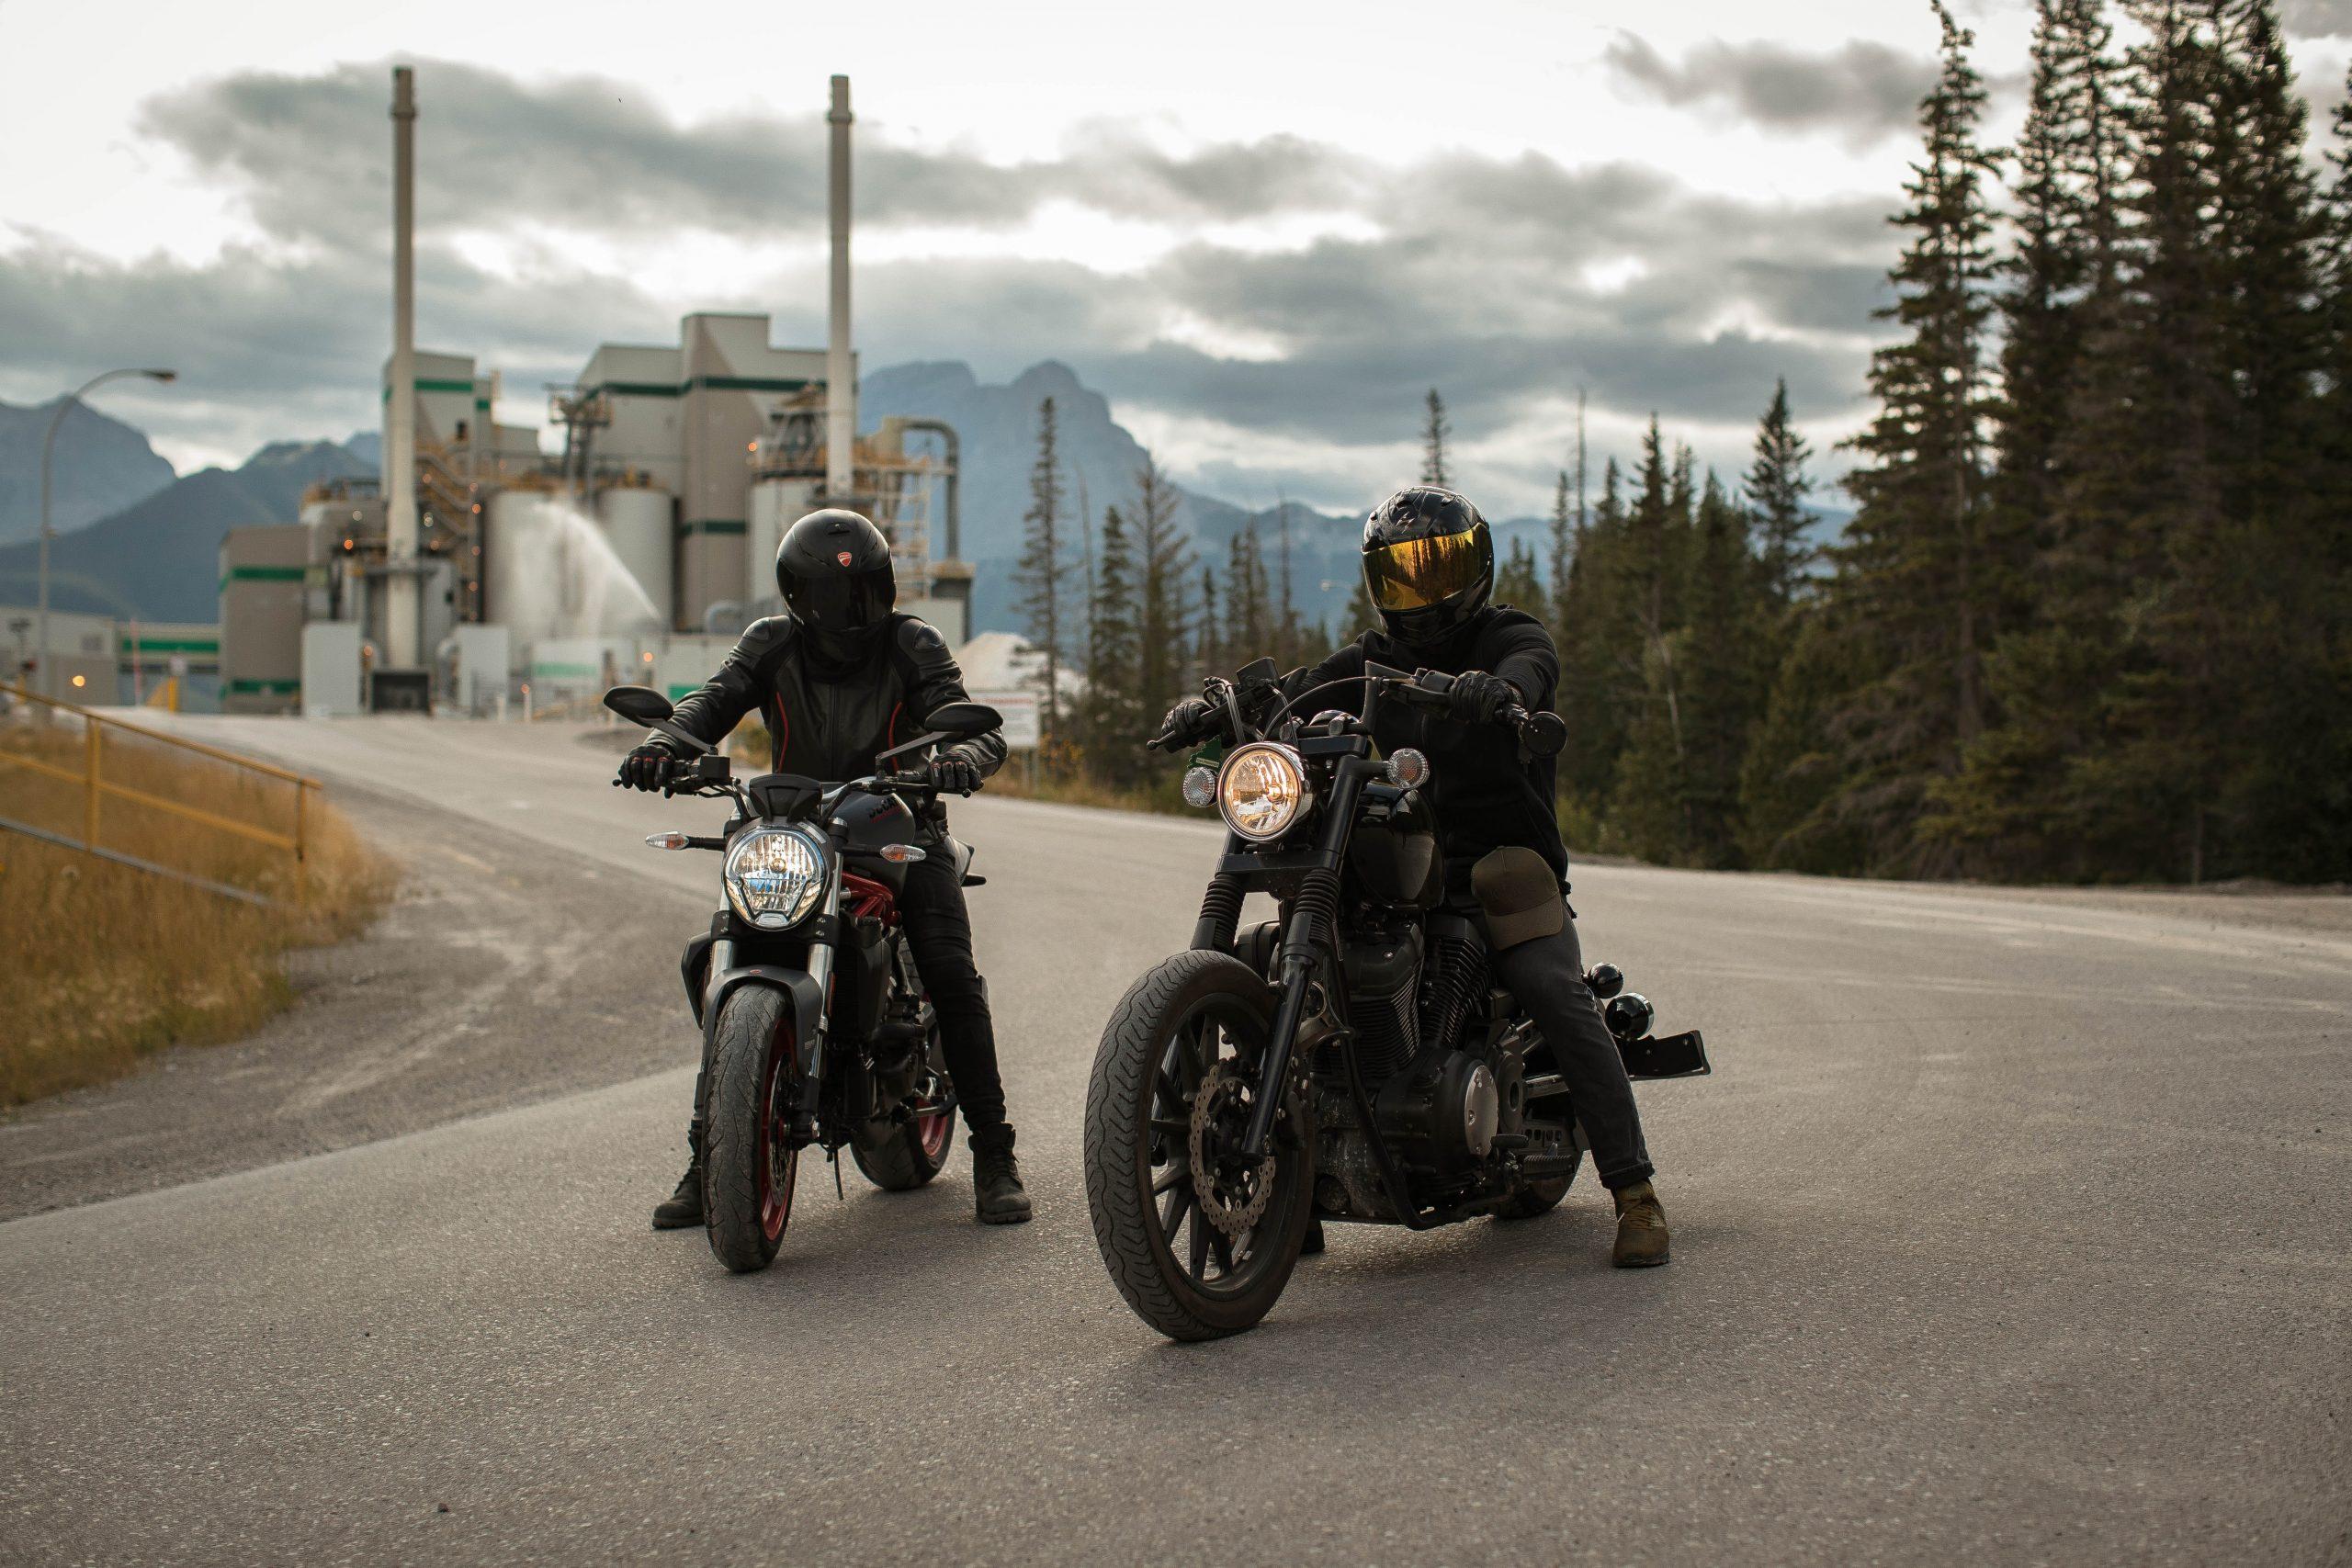 Koniec sezonu motocyklowego – na jakie zloty warto się wybrać?